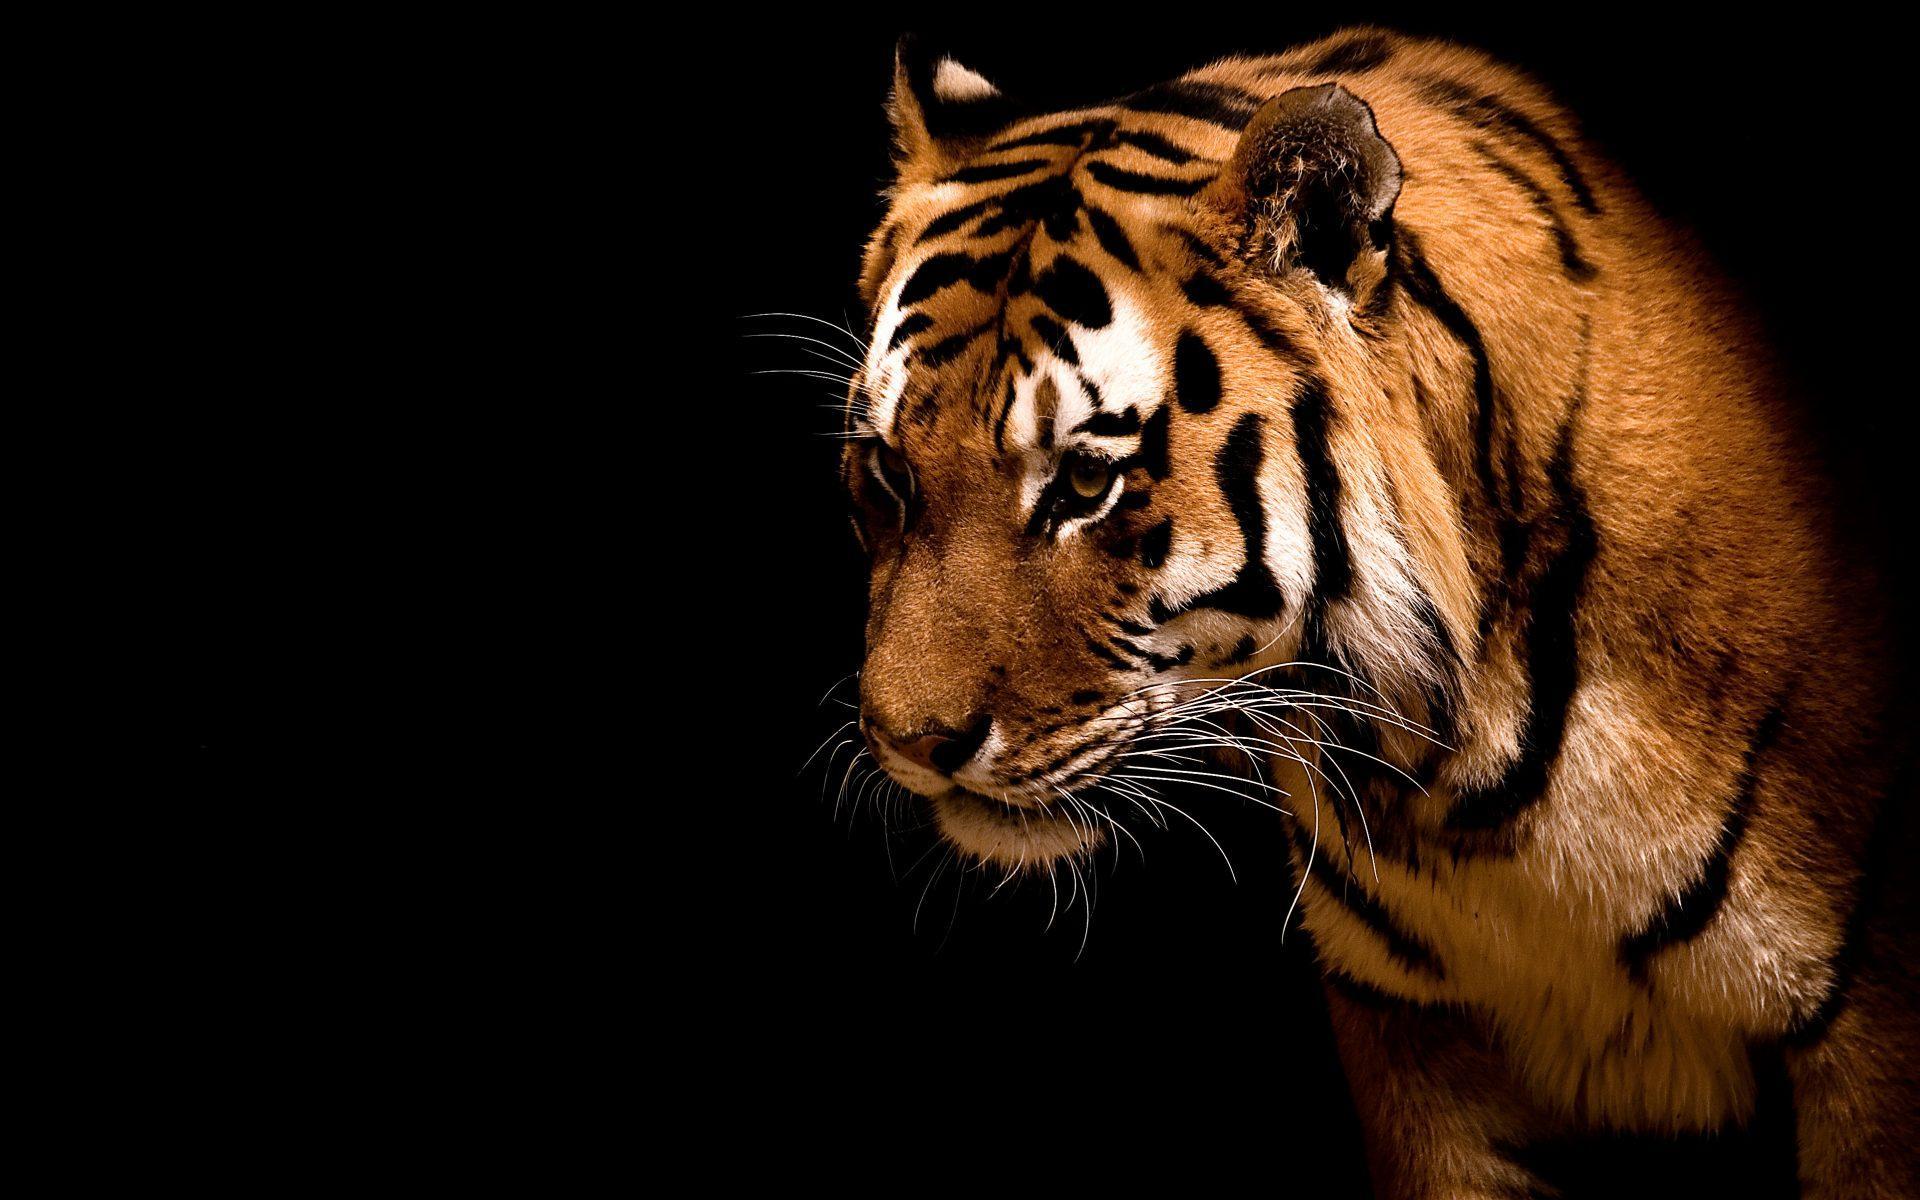 Sad Tiger On Black Background Hd Wallpaper Wallpaper List 1920x1200